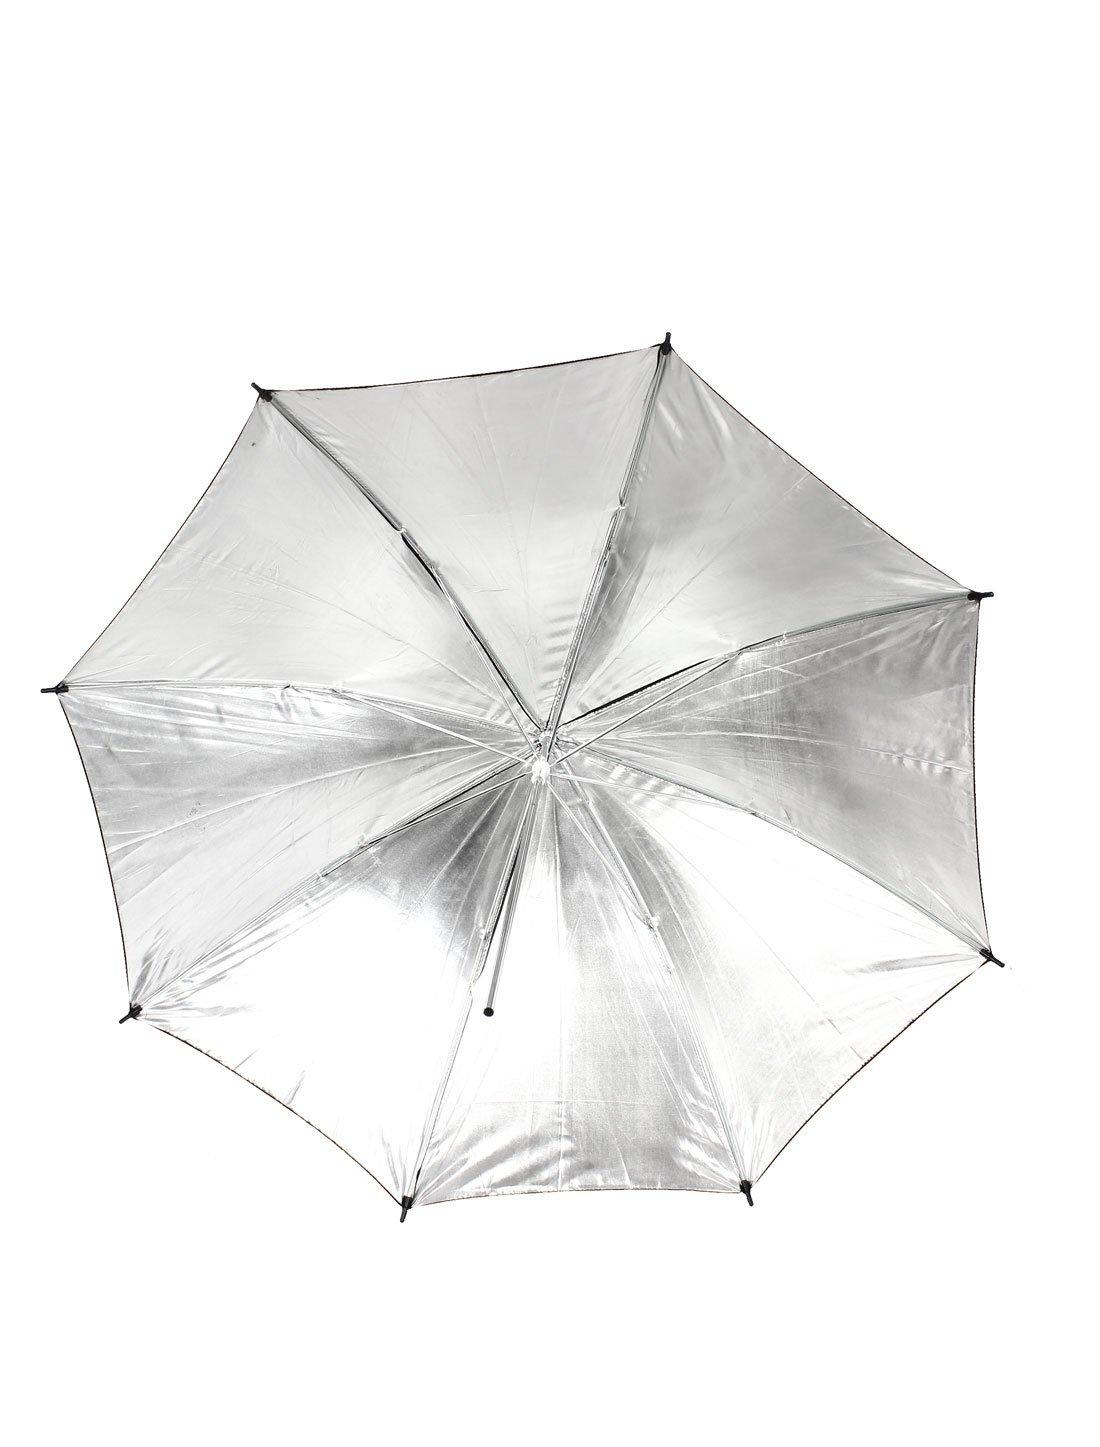 Amazon.com: eDealMax Fotografía del Flash del estudio del Reflector paraguas 83cm Dia Negro Tono de Plata: Electronics